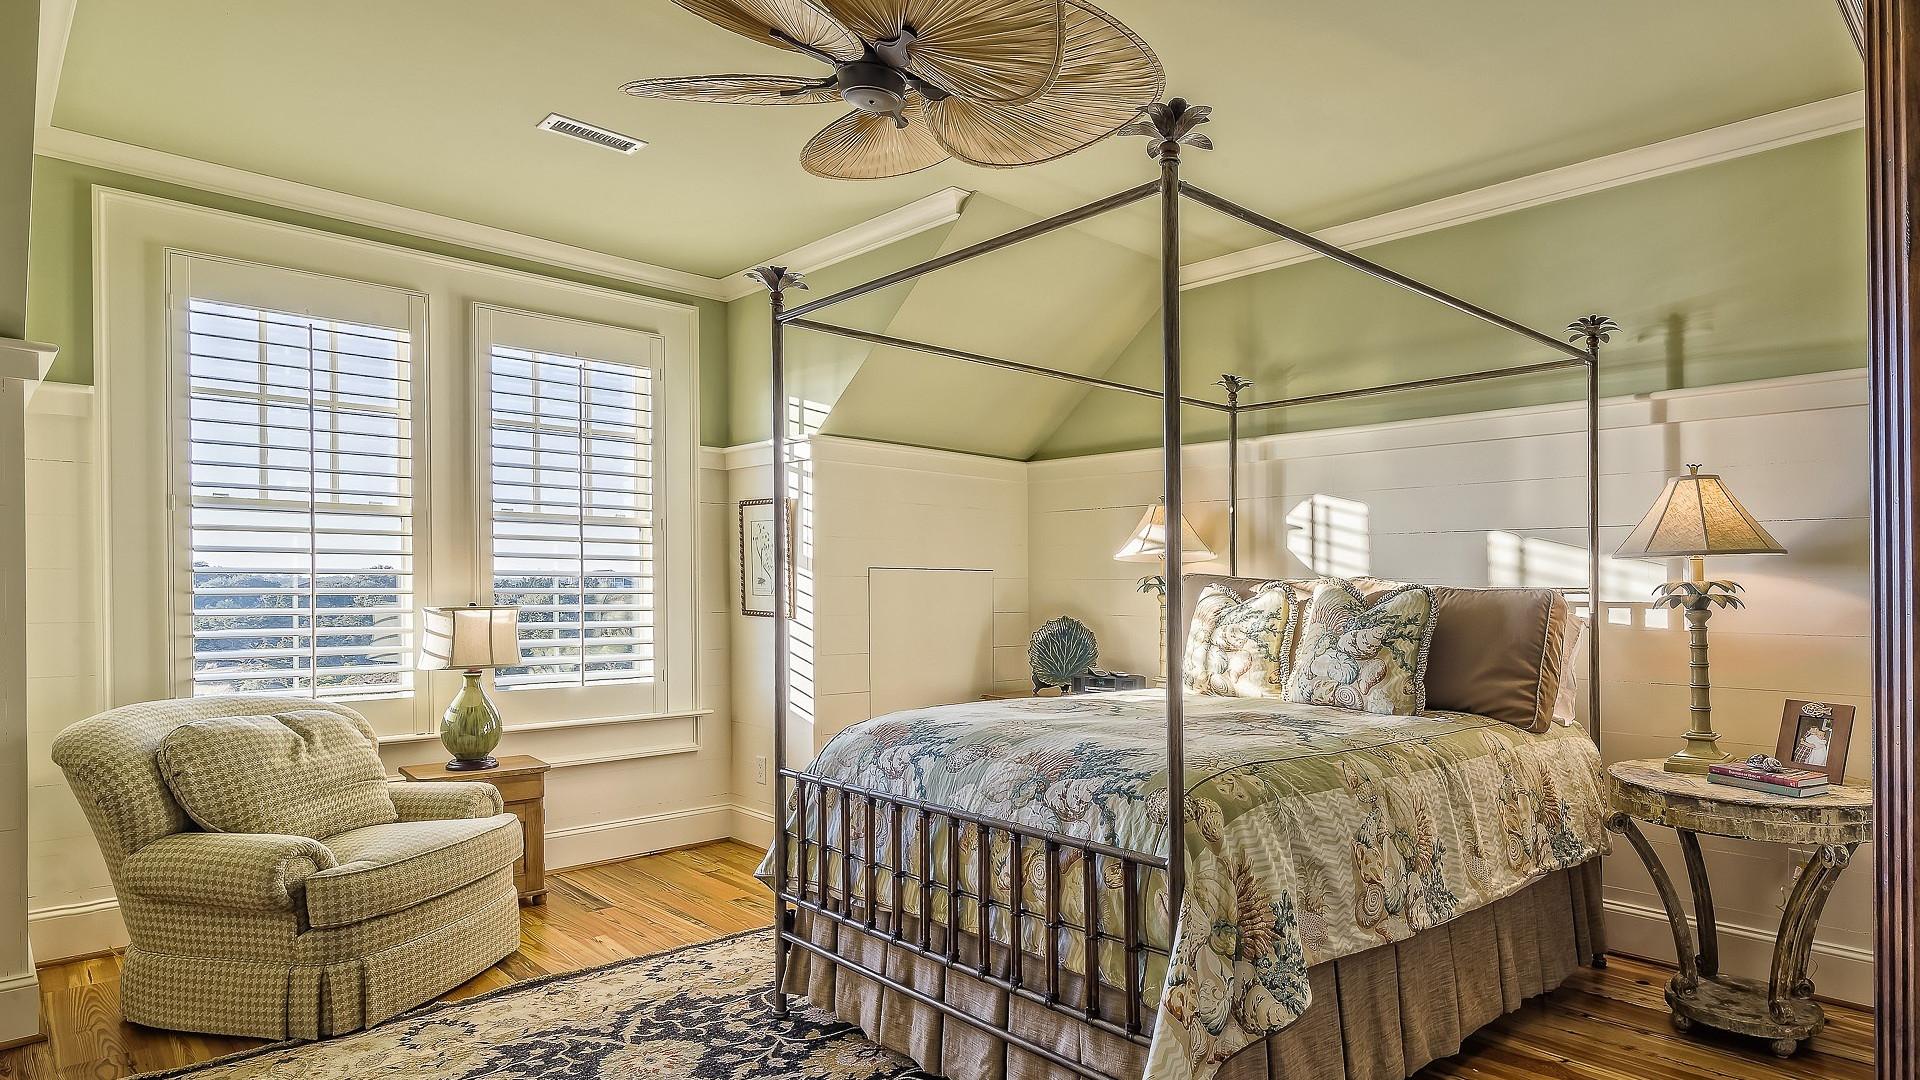 Les astuces pour embellir votre chambre